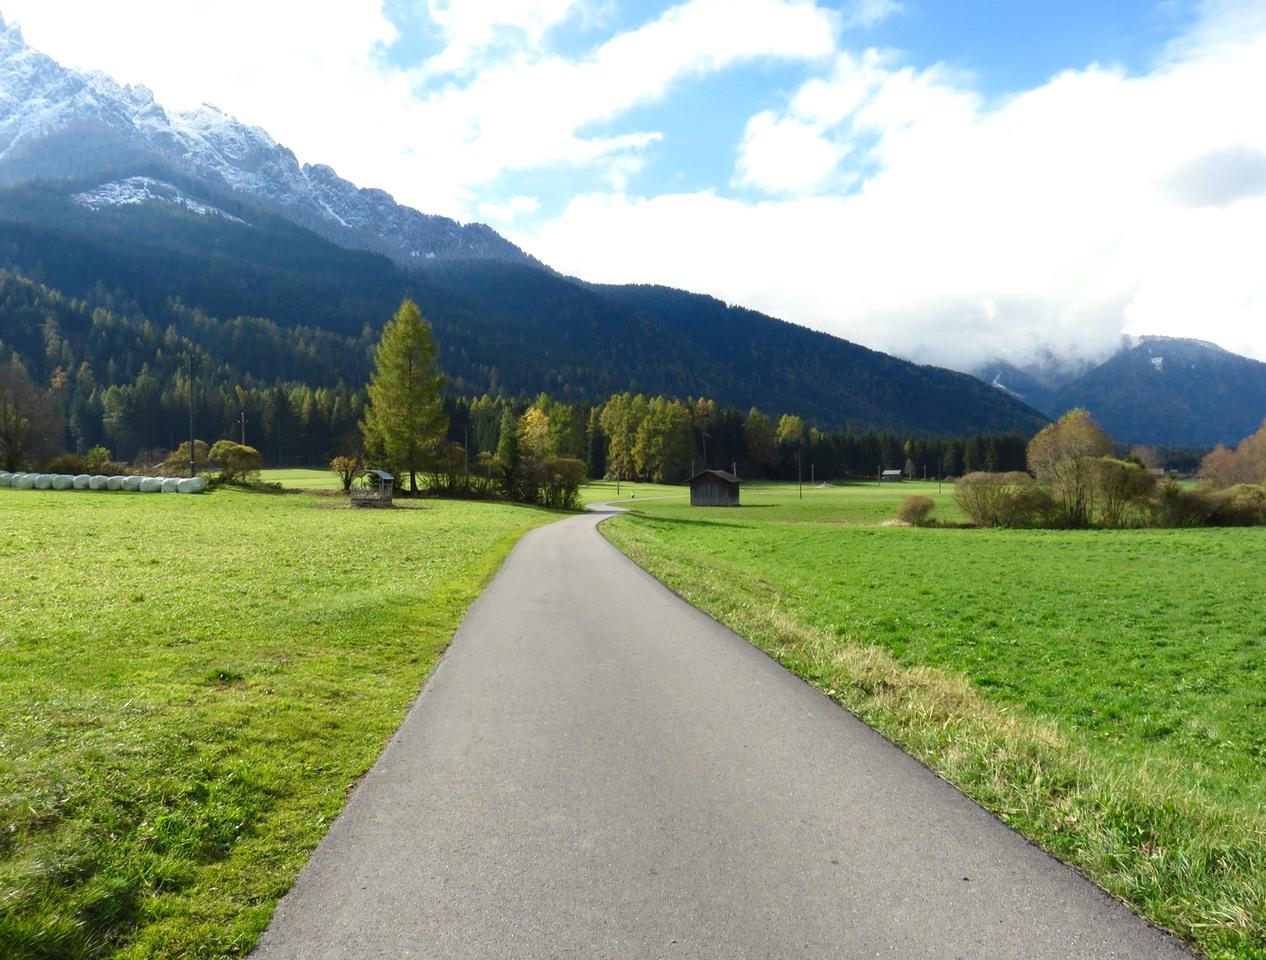 5 camminate in Val Pusteria, Sud Tirolo, Alto Adige, Dolomiti, ciclabile Dobbiaco Lienz